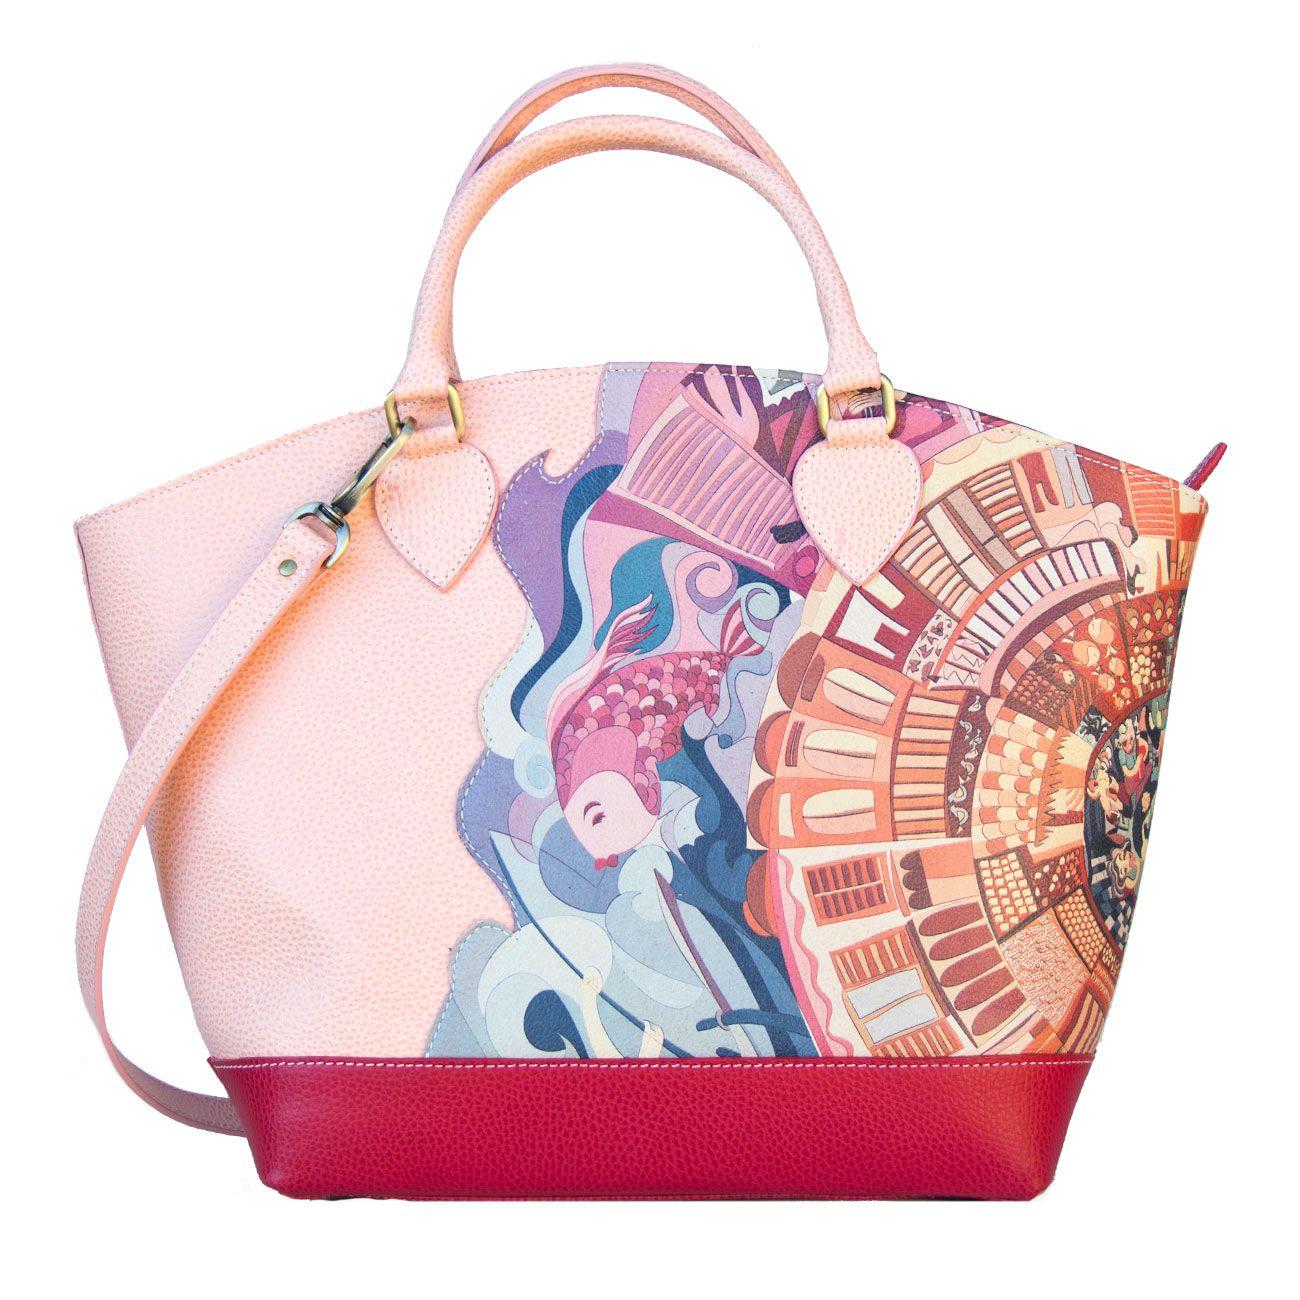 """Lè cotè Bag. Genuine Leather. """"Tramonti Pink"""" with illustration by Antonio Cotecchia Shop on http://www.lecote.it/shop.html"""